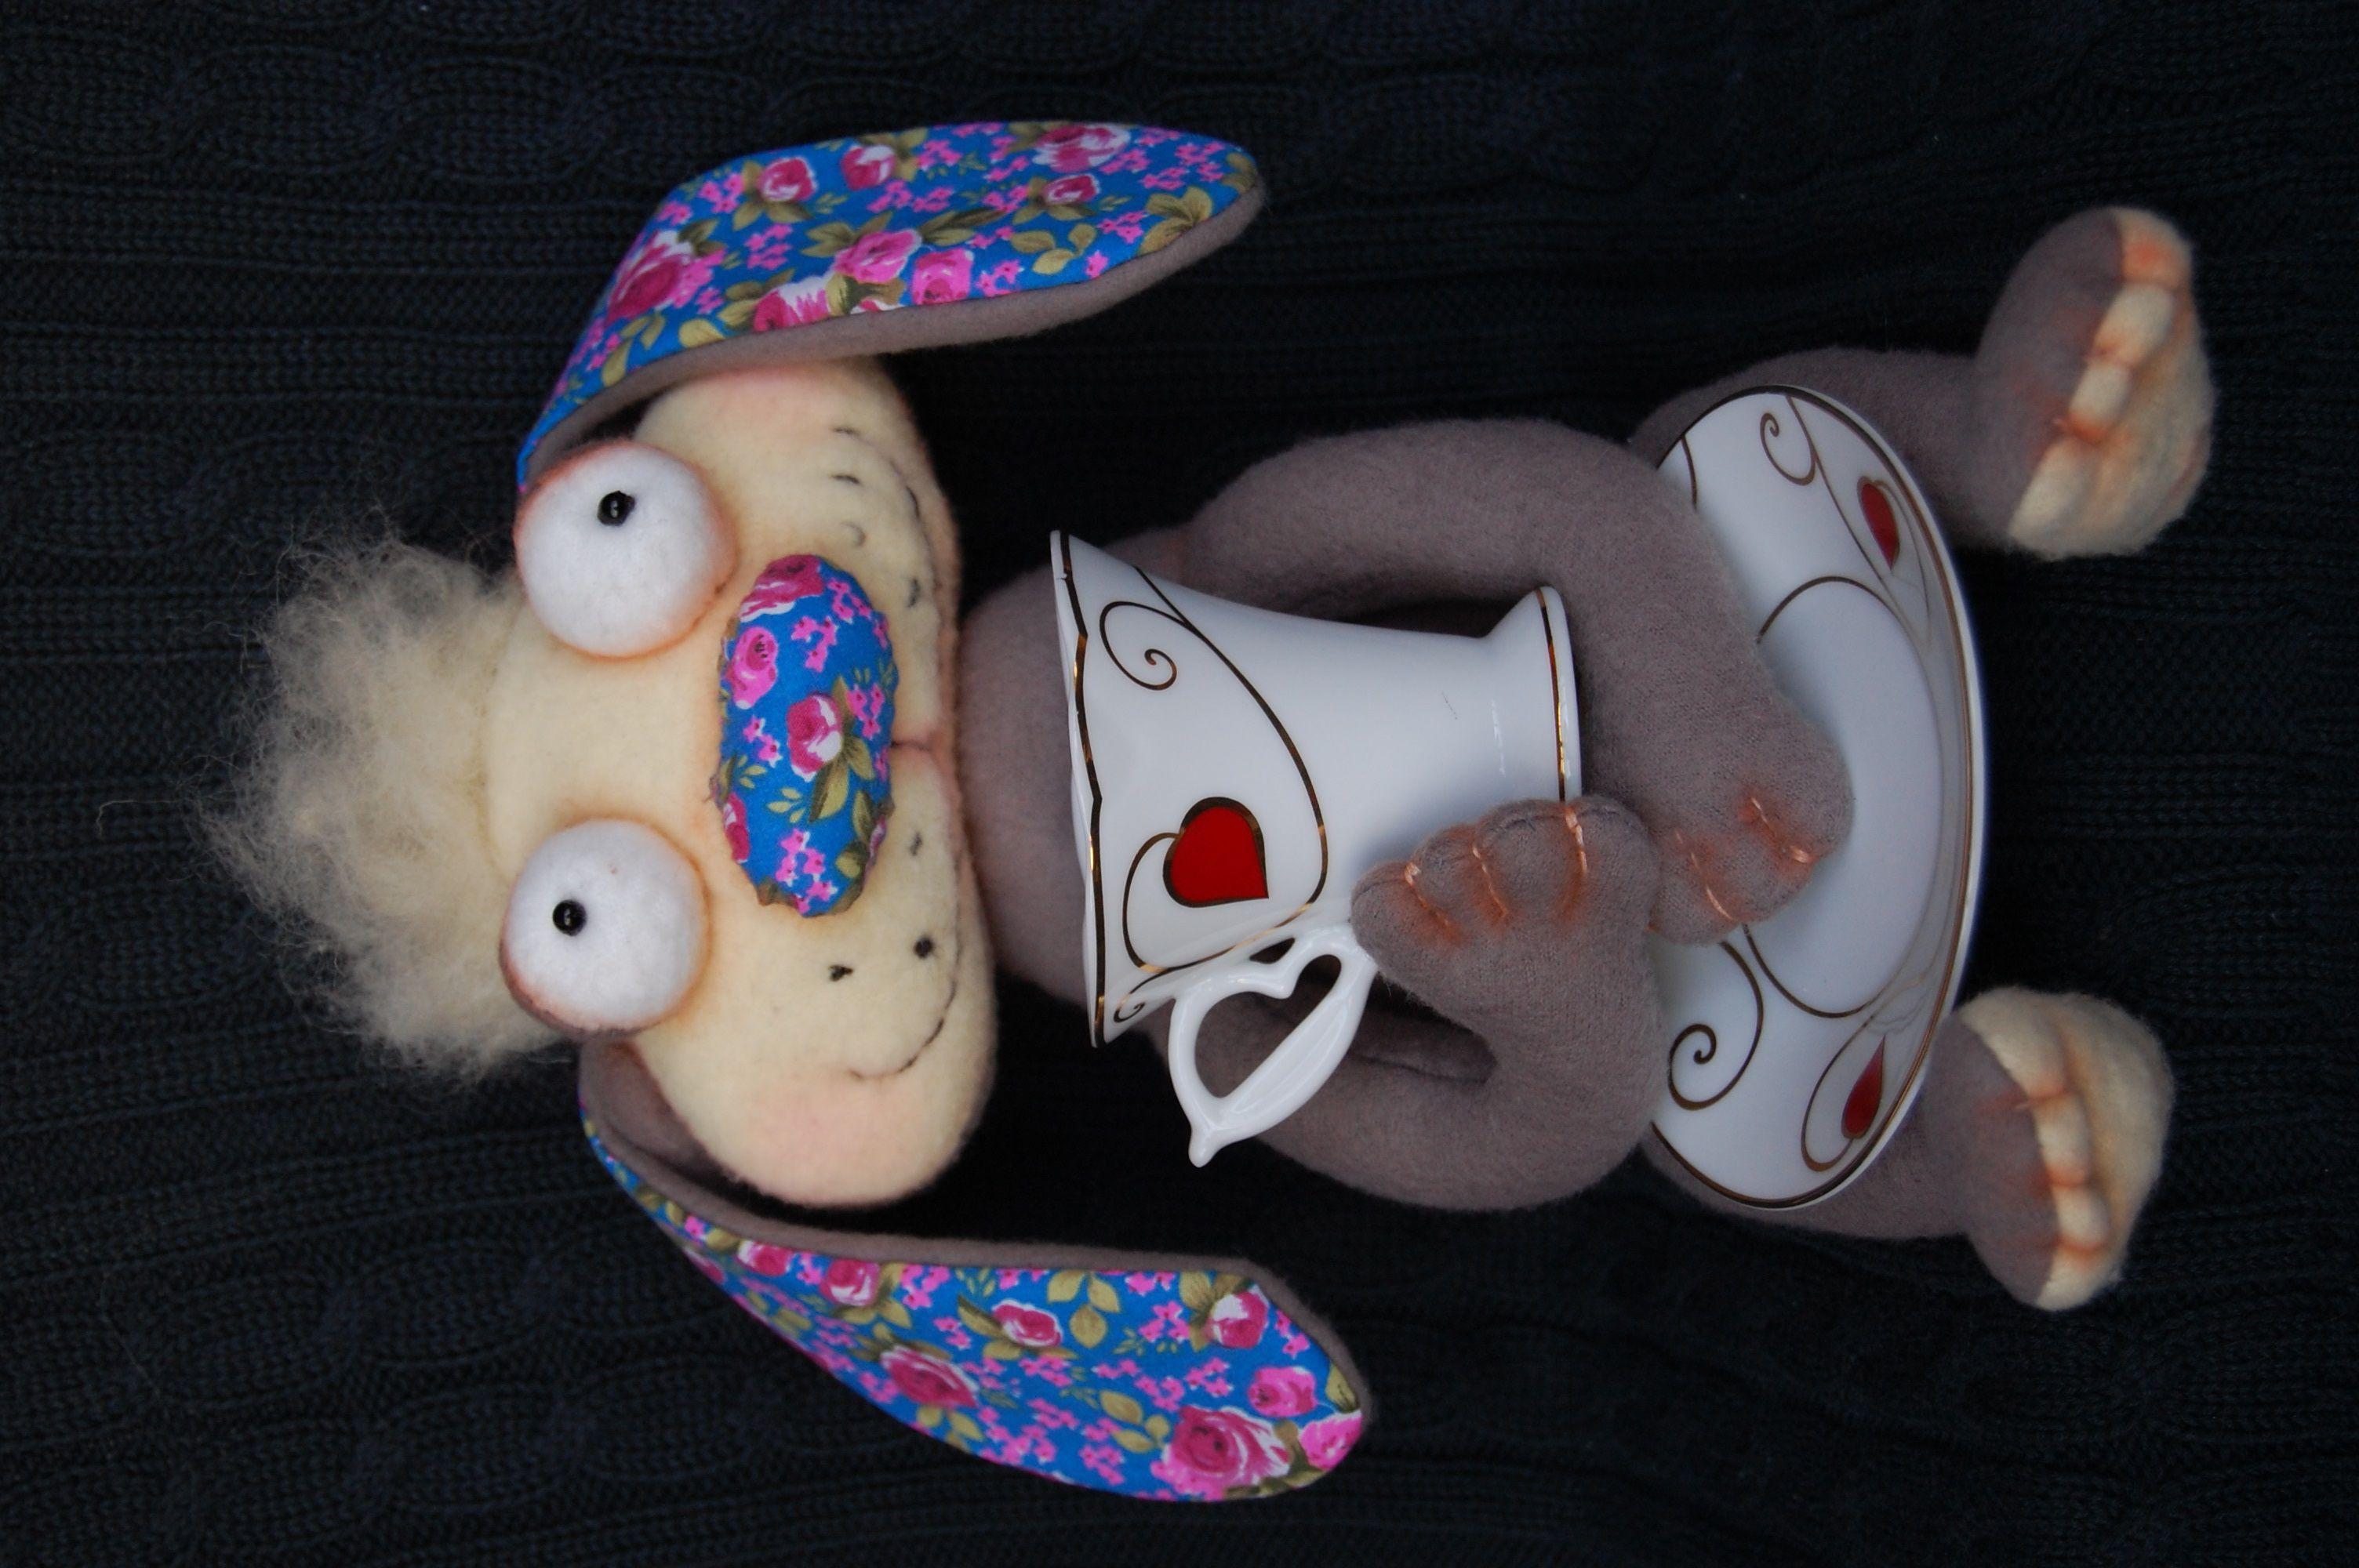 кролик позитив чаепитие игрушка ручная авторская работа подарок